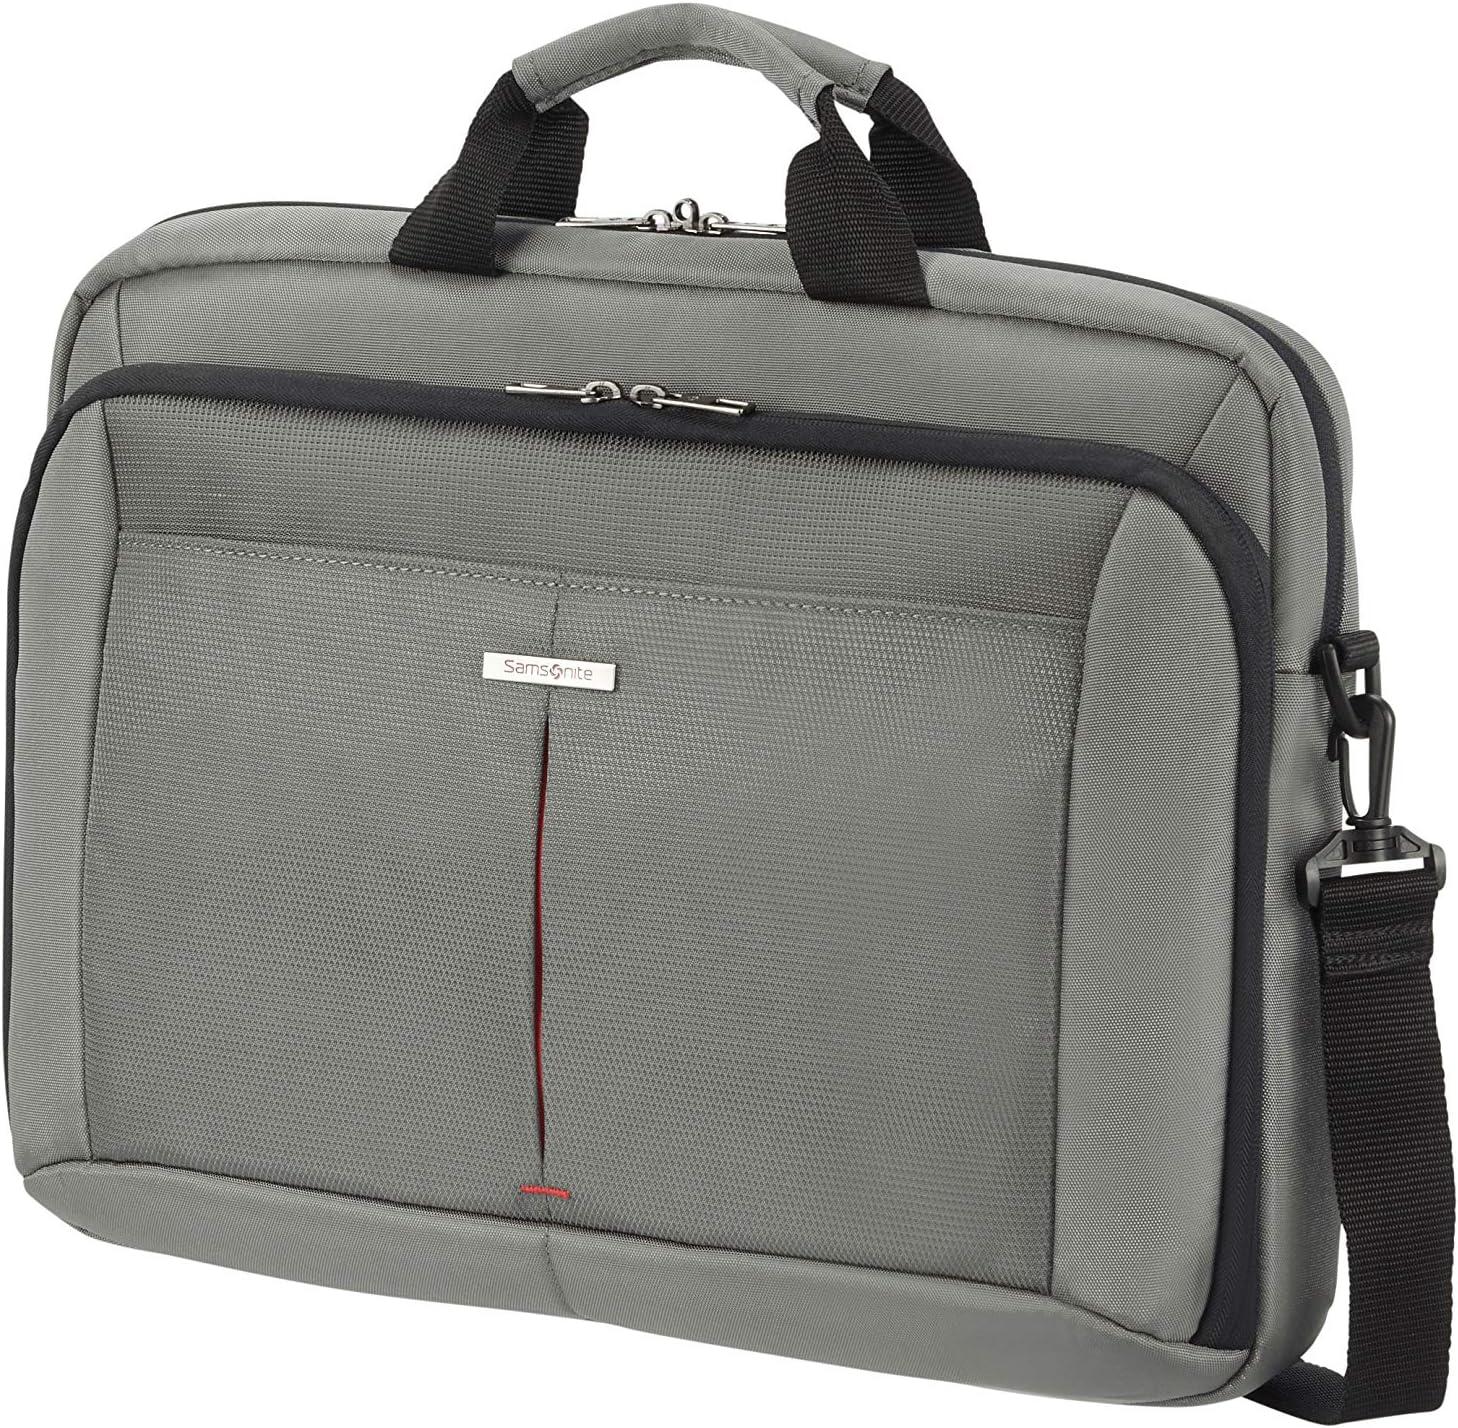 Samsonite 125046817 maletines para portátil 43,9 cm (17.3